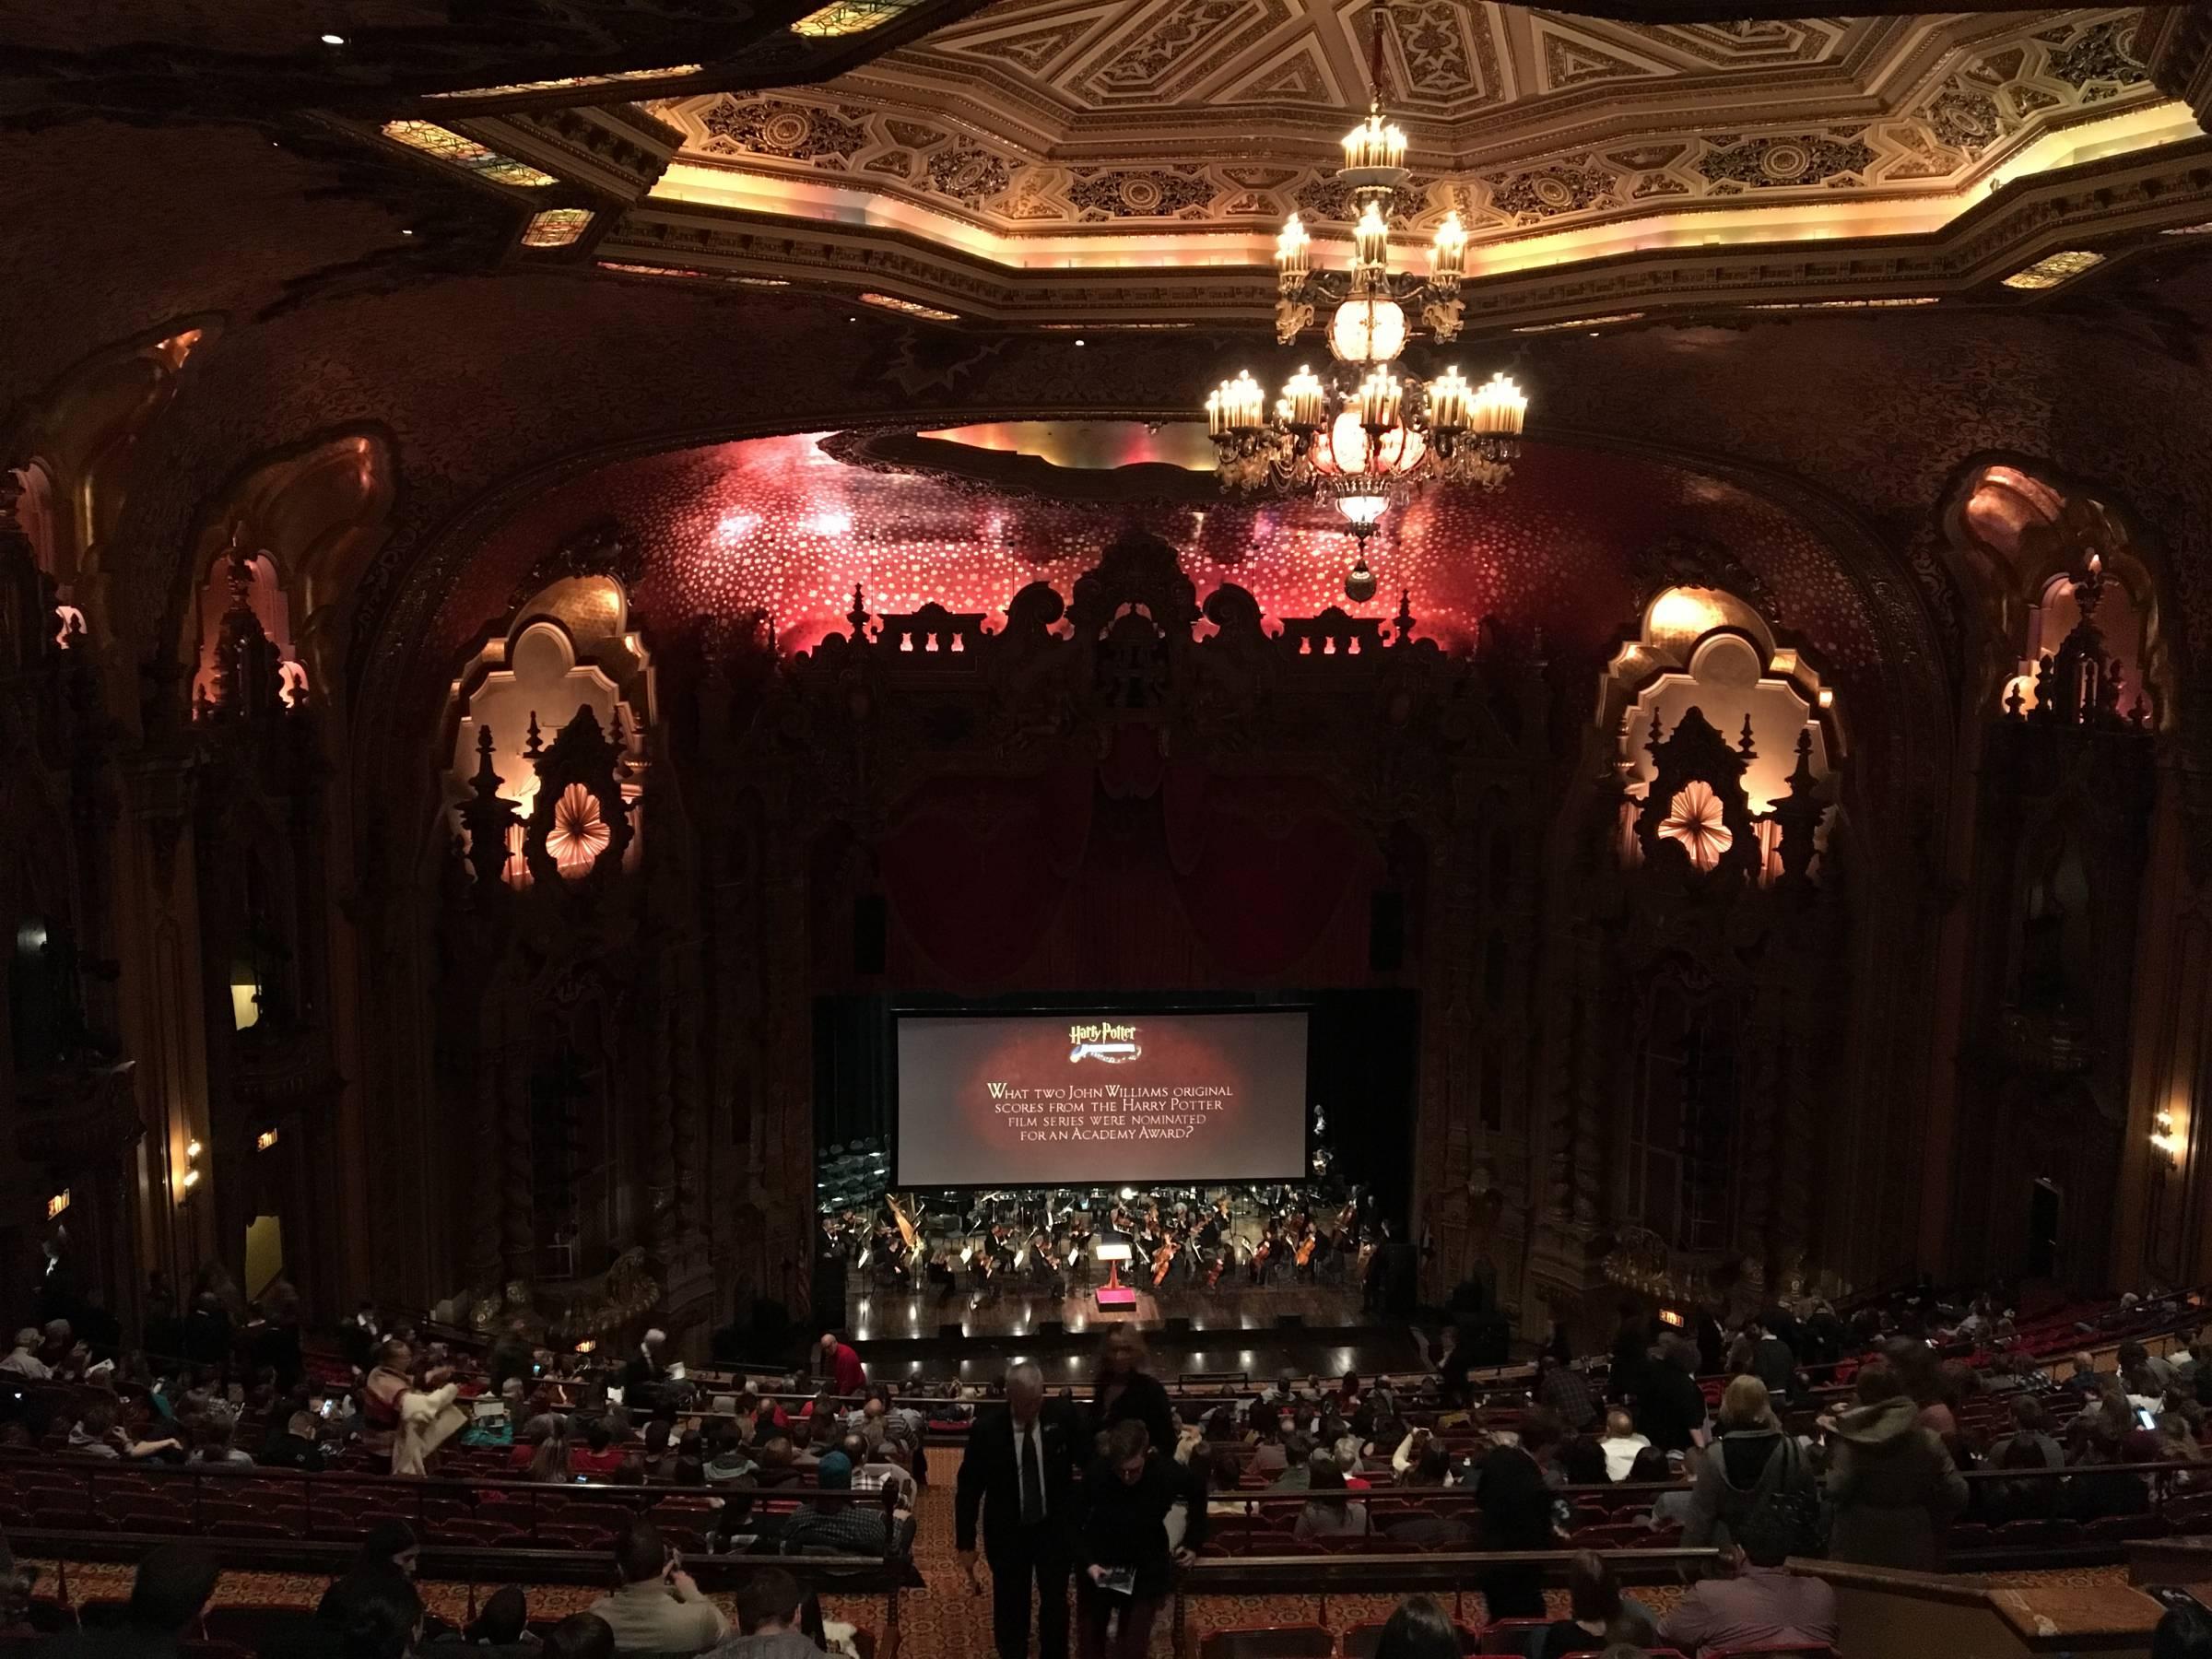 Ohio Theatre Seating Rateyourseats Com